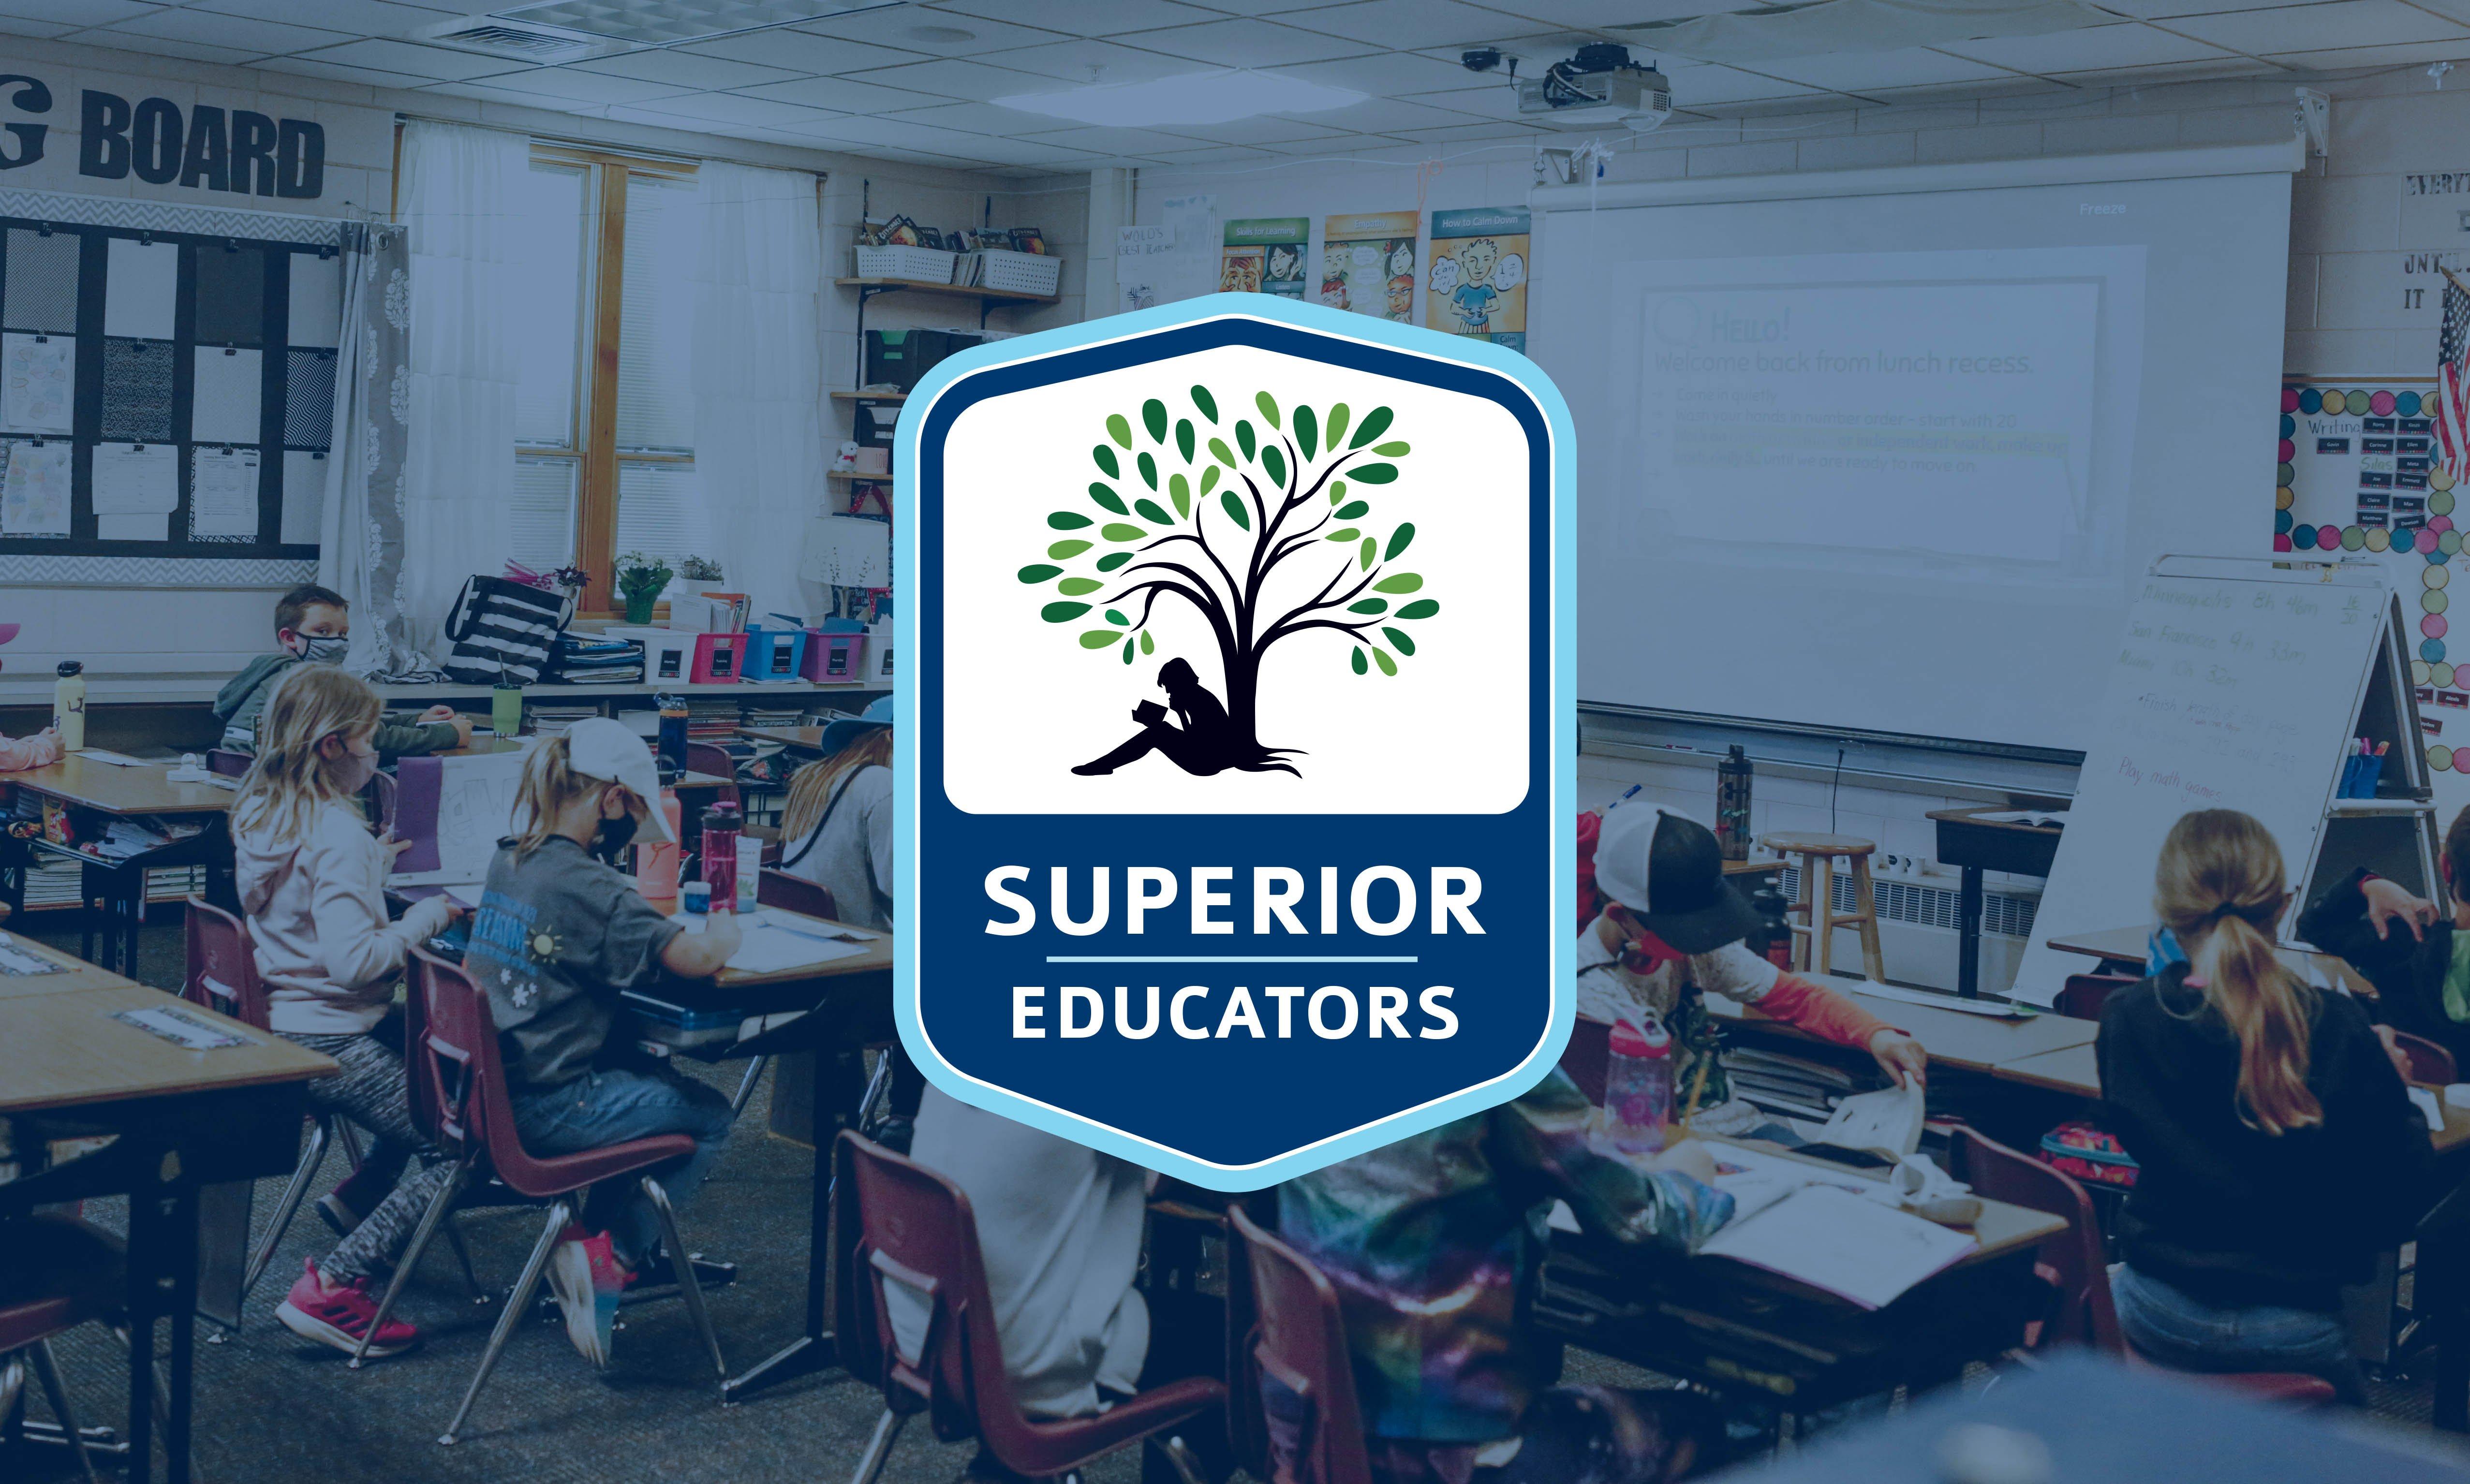 Superior Educators